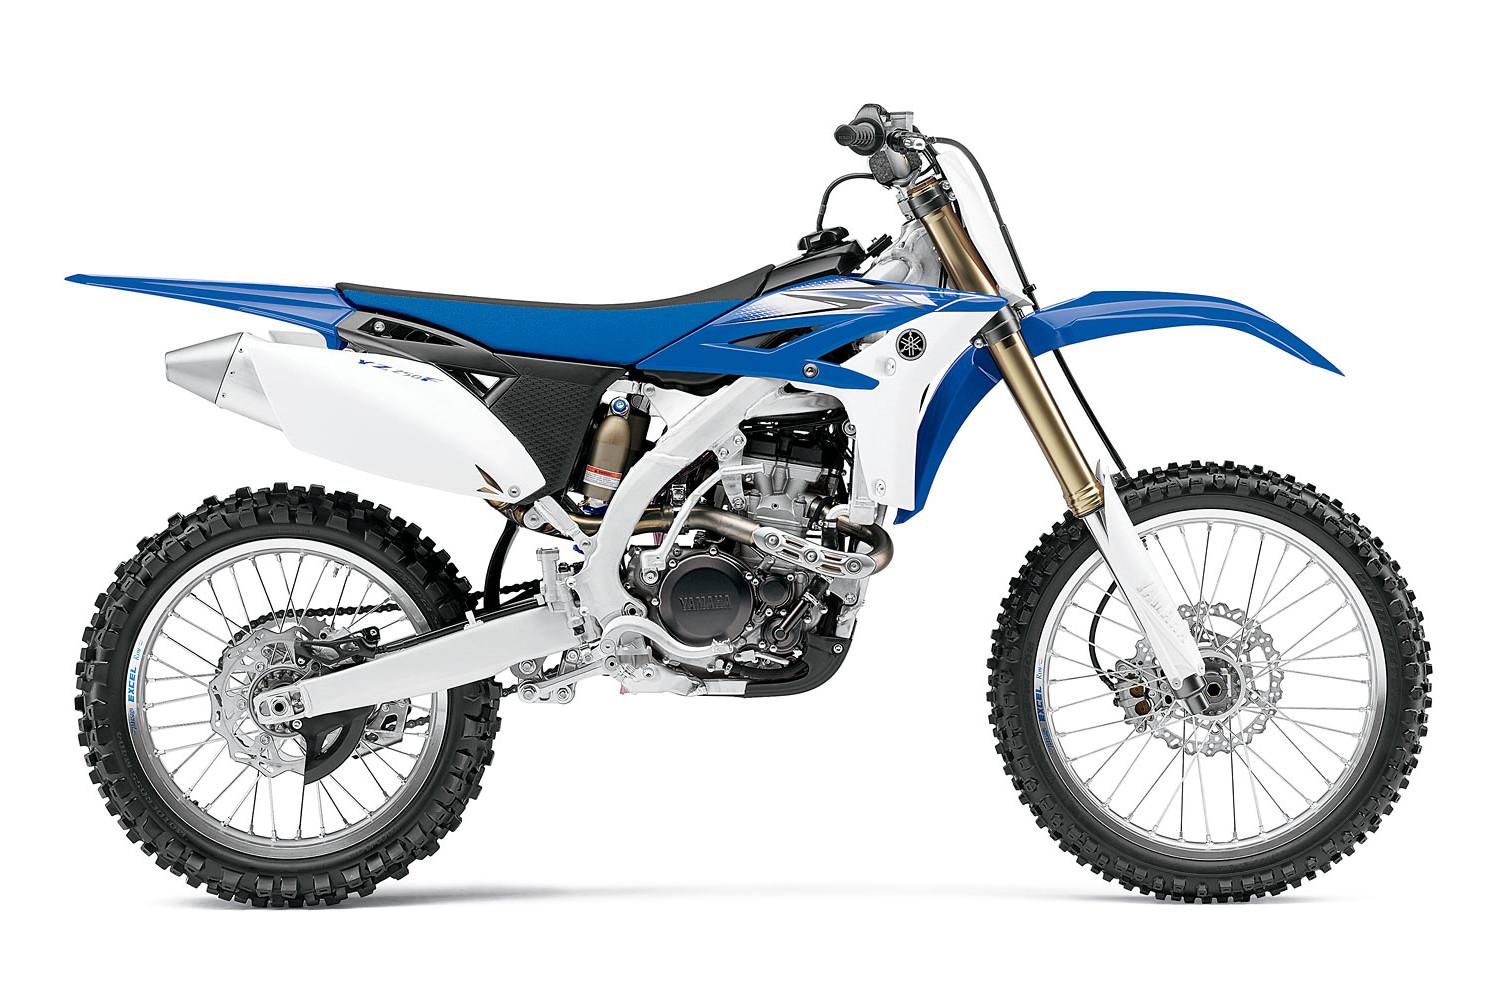 2011 Yamaha YZ250F  2011 Yamaha YZ250F